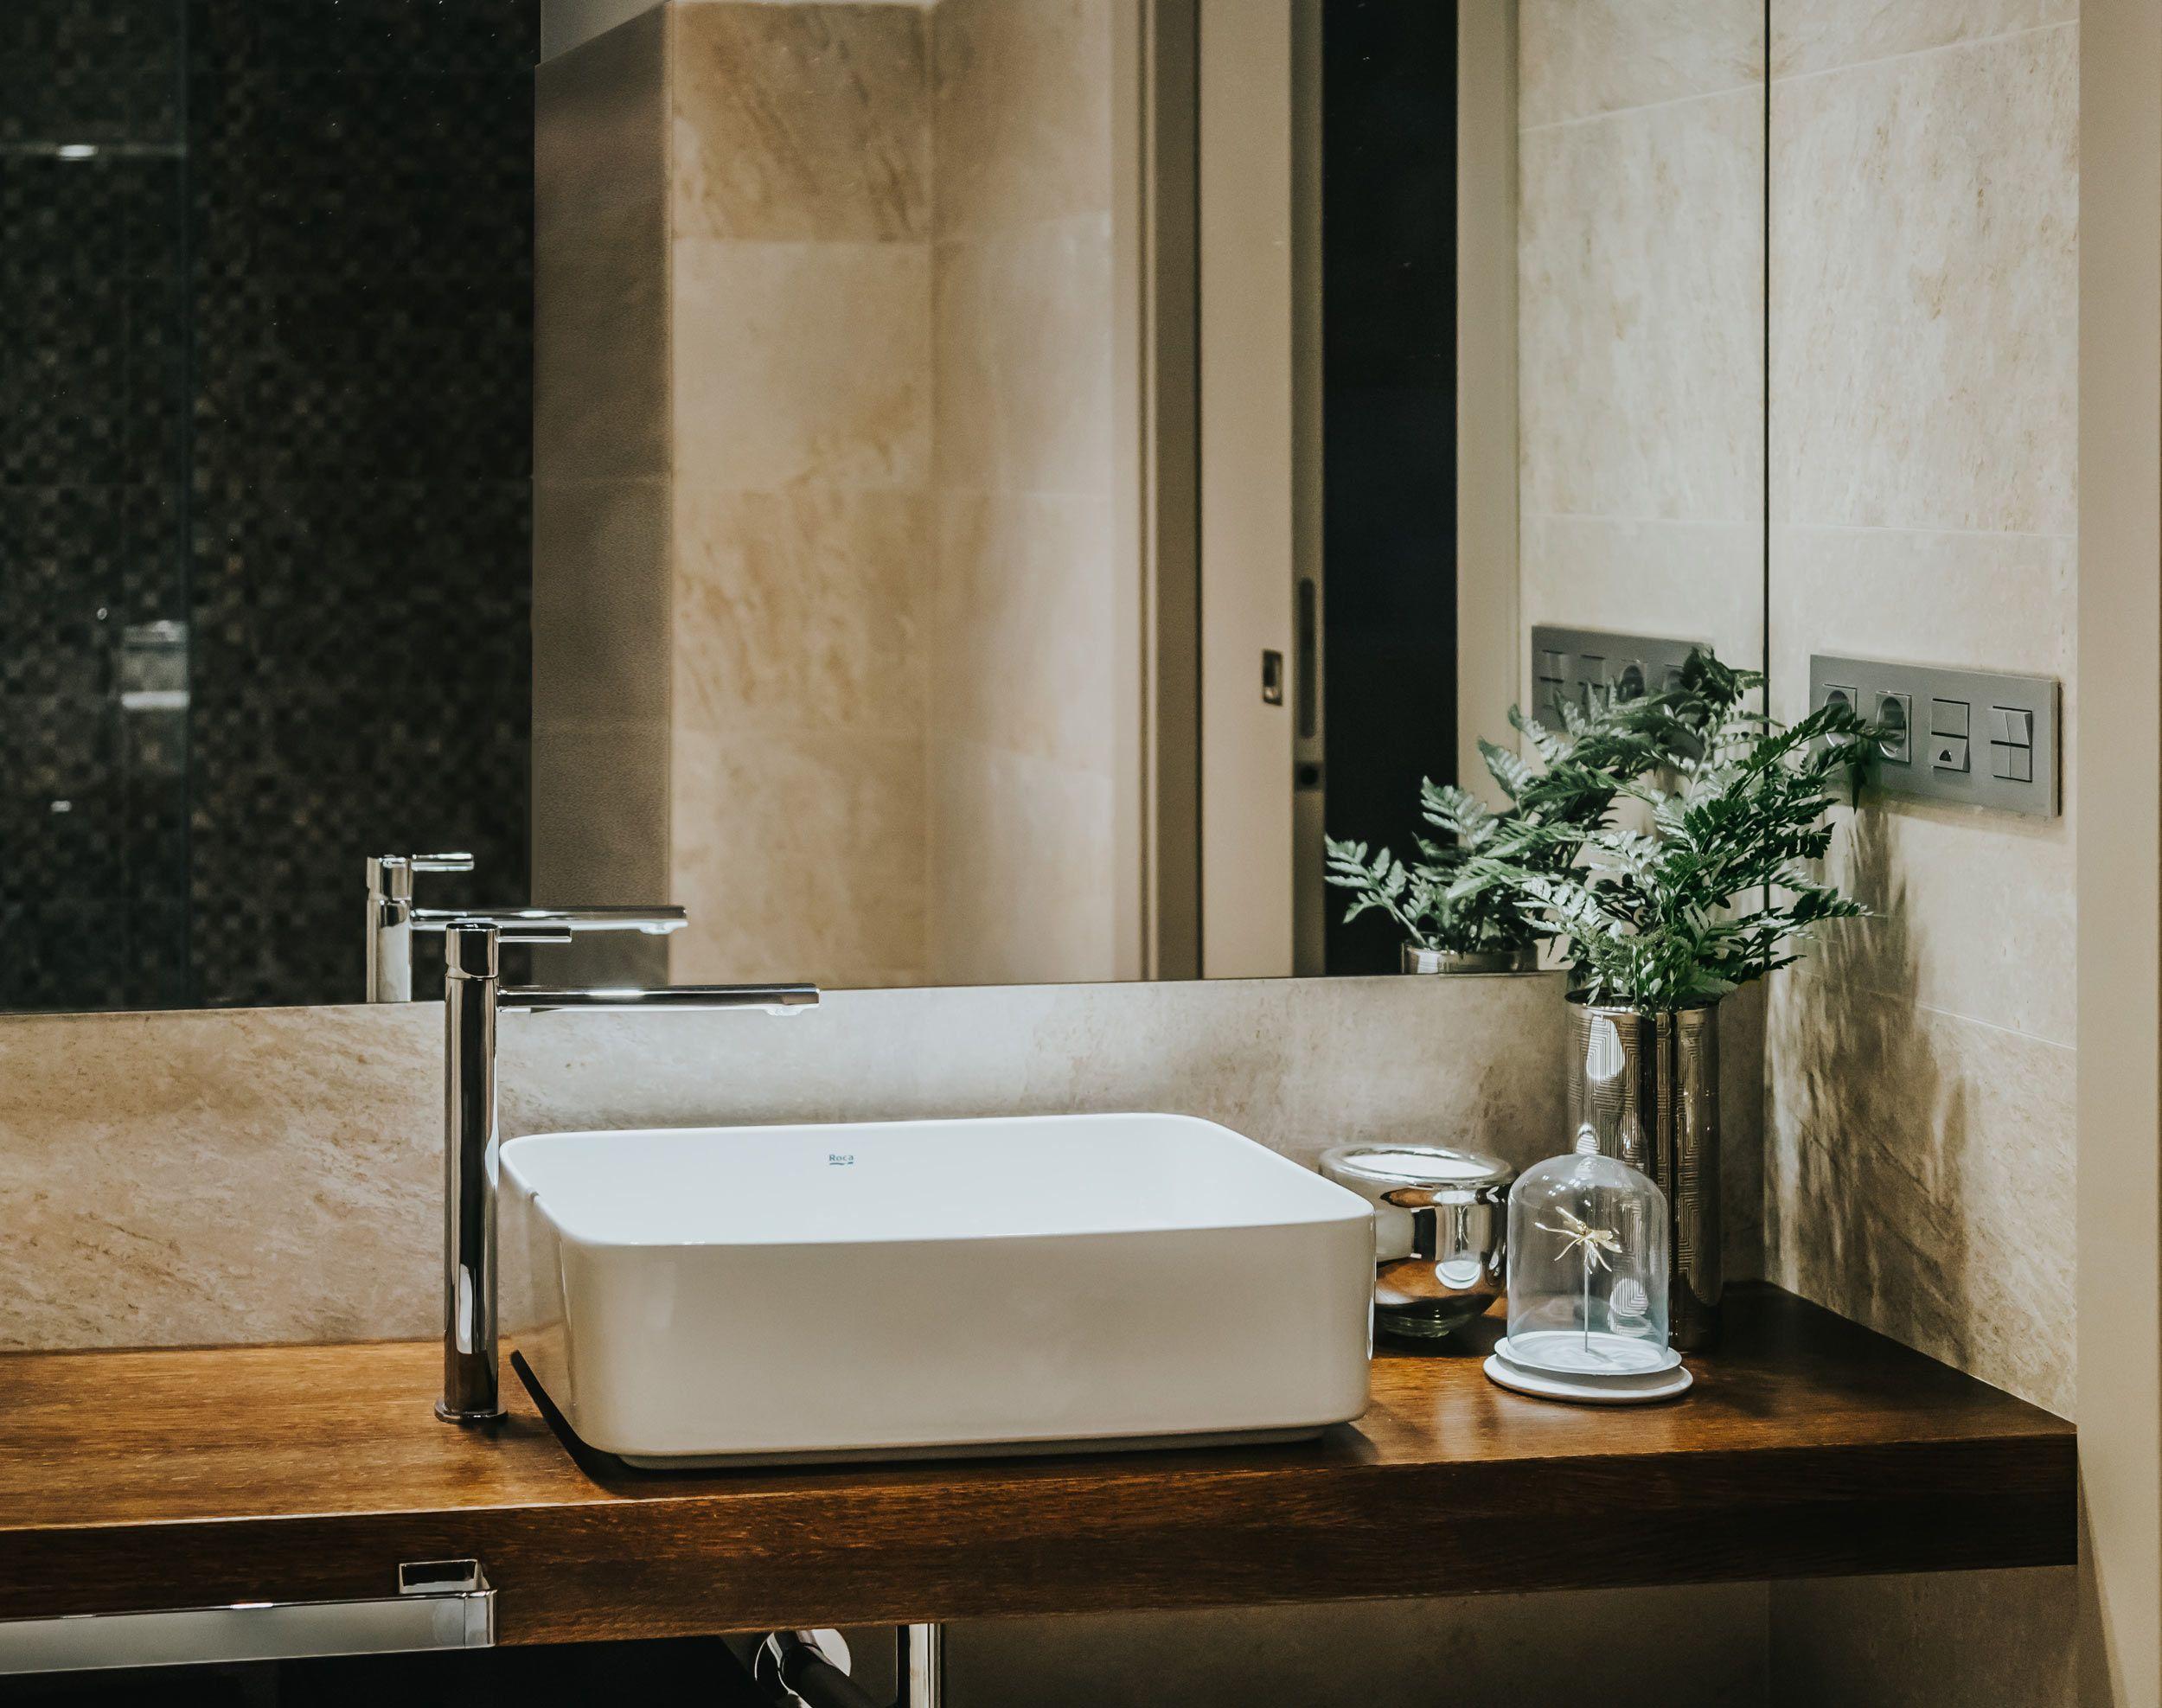 Ba o con lavabo de sobre encimera rectangular encimera en for Lavabo sobre encimera rectangular